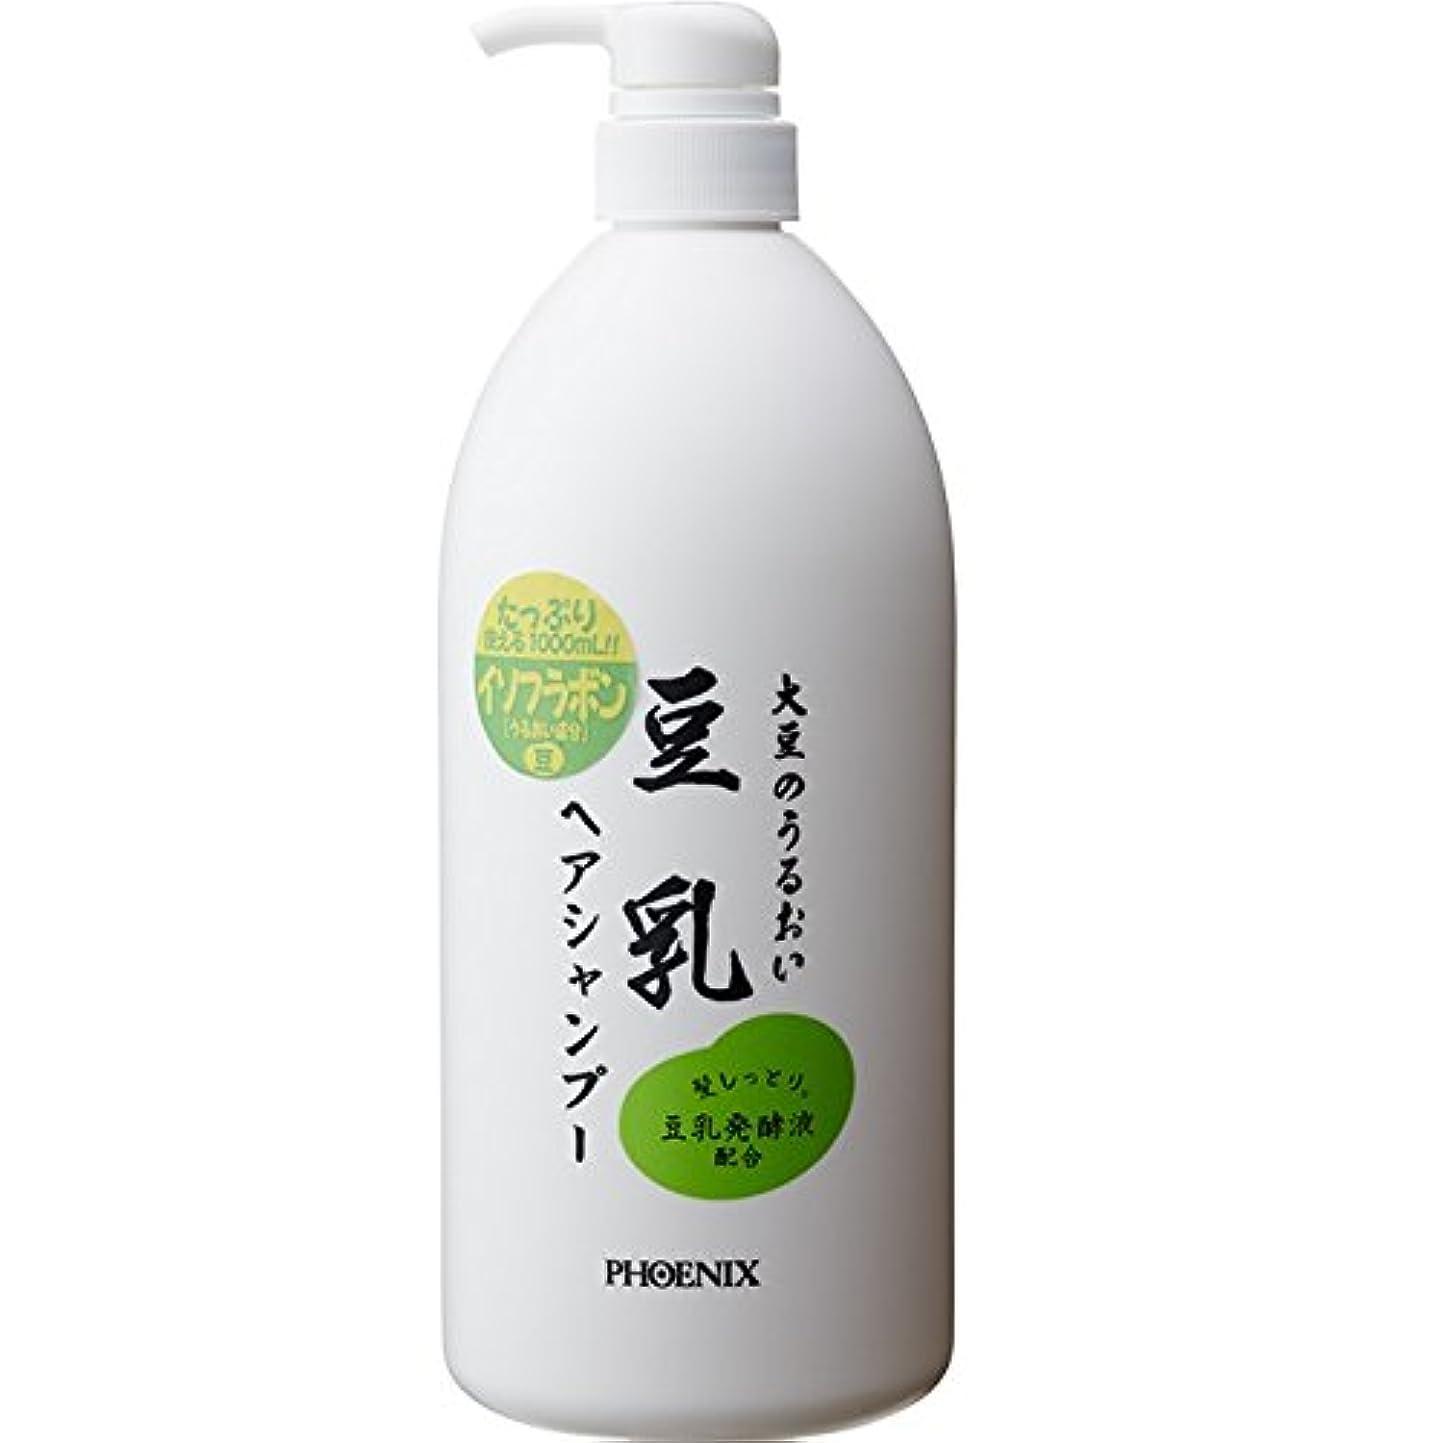 アルバム請願者リダクター【ケース販売】豆乳ヘアシャンプー 1L×10本